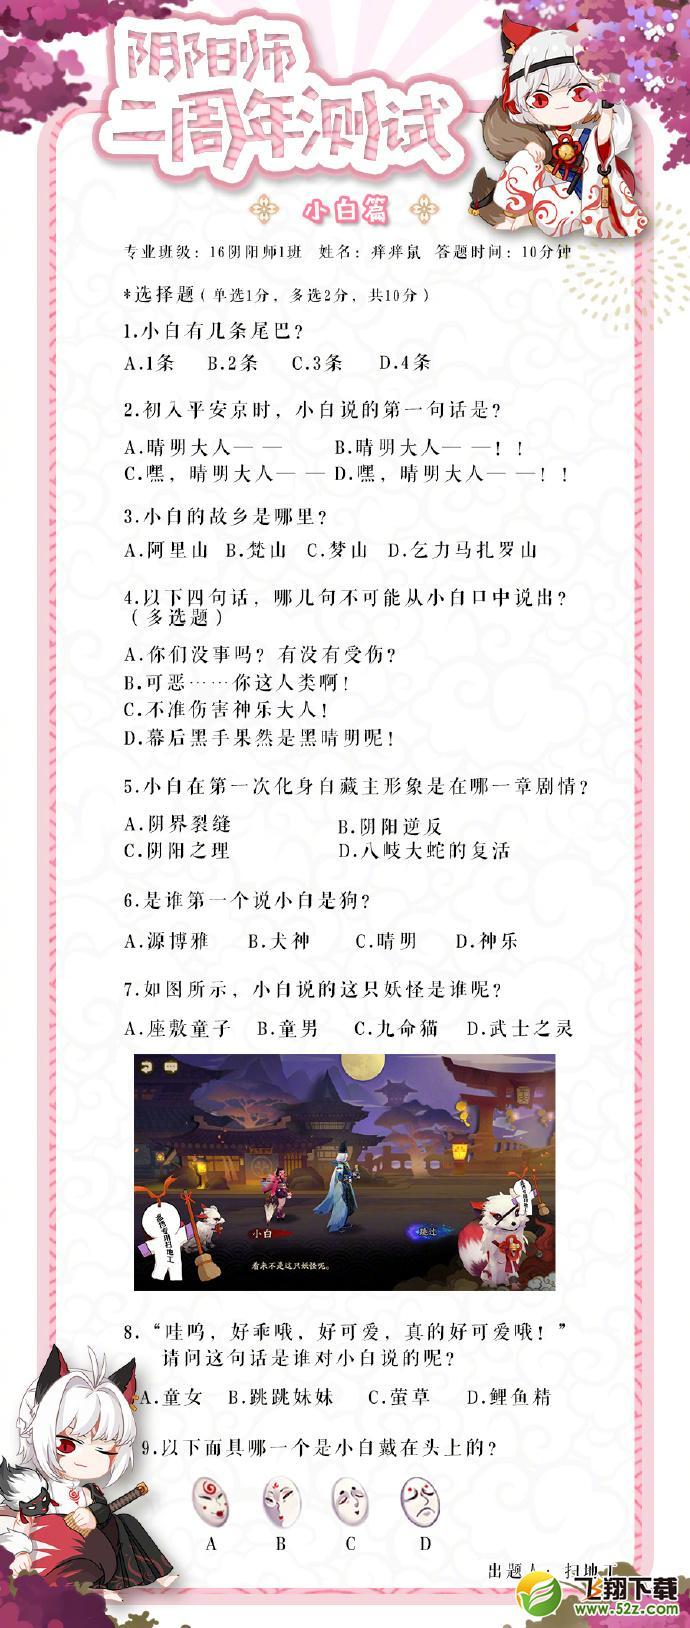 阴阳师2周年统考小白篇在哪答题 2周年测试小白篇答案分享_52z.com